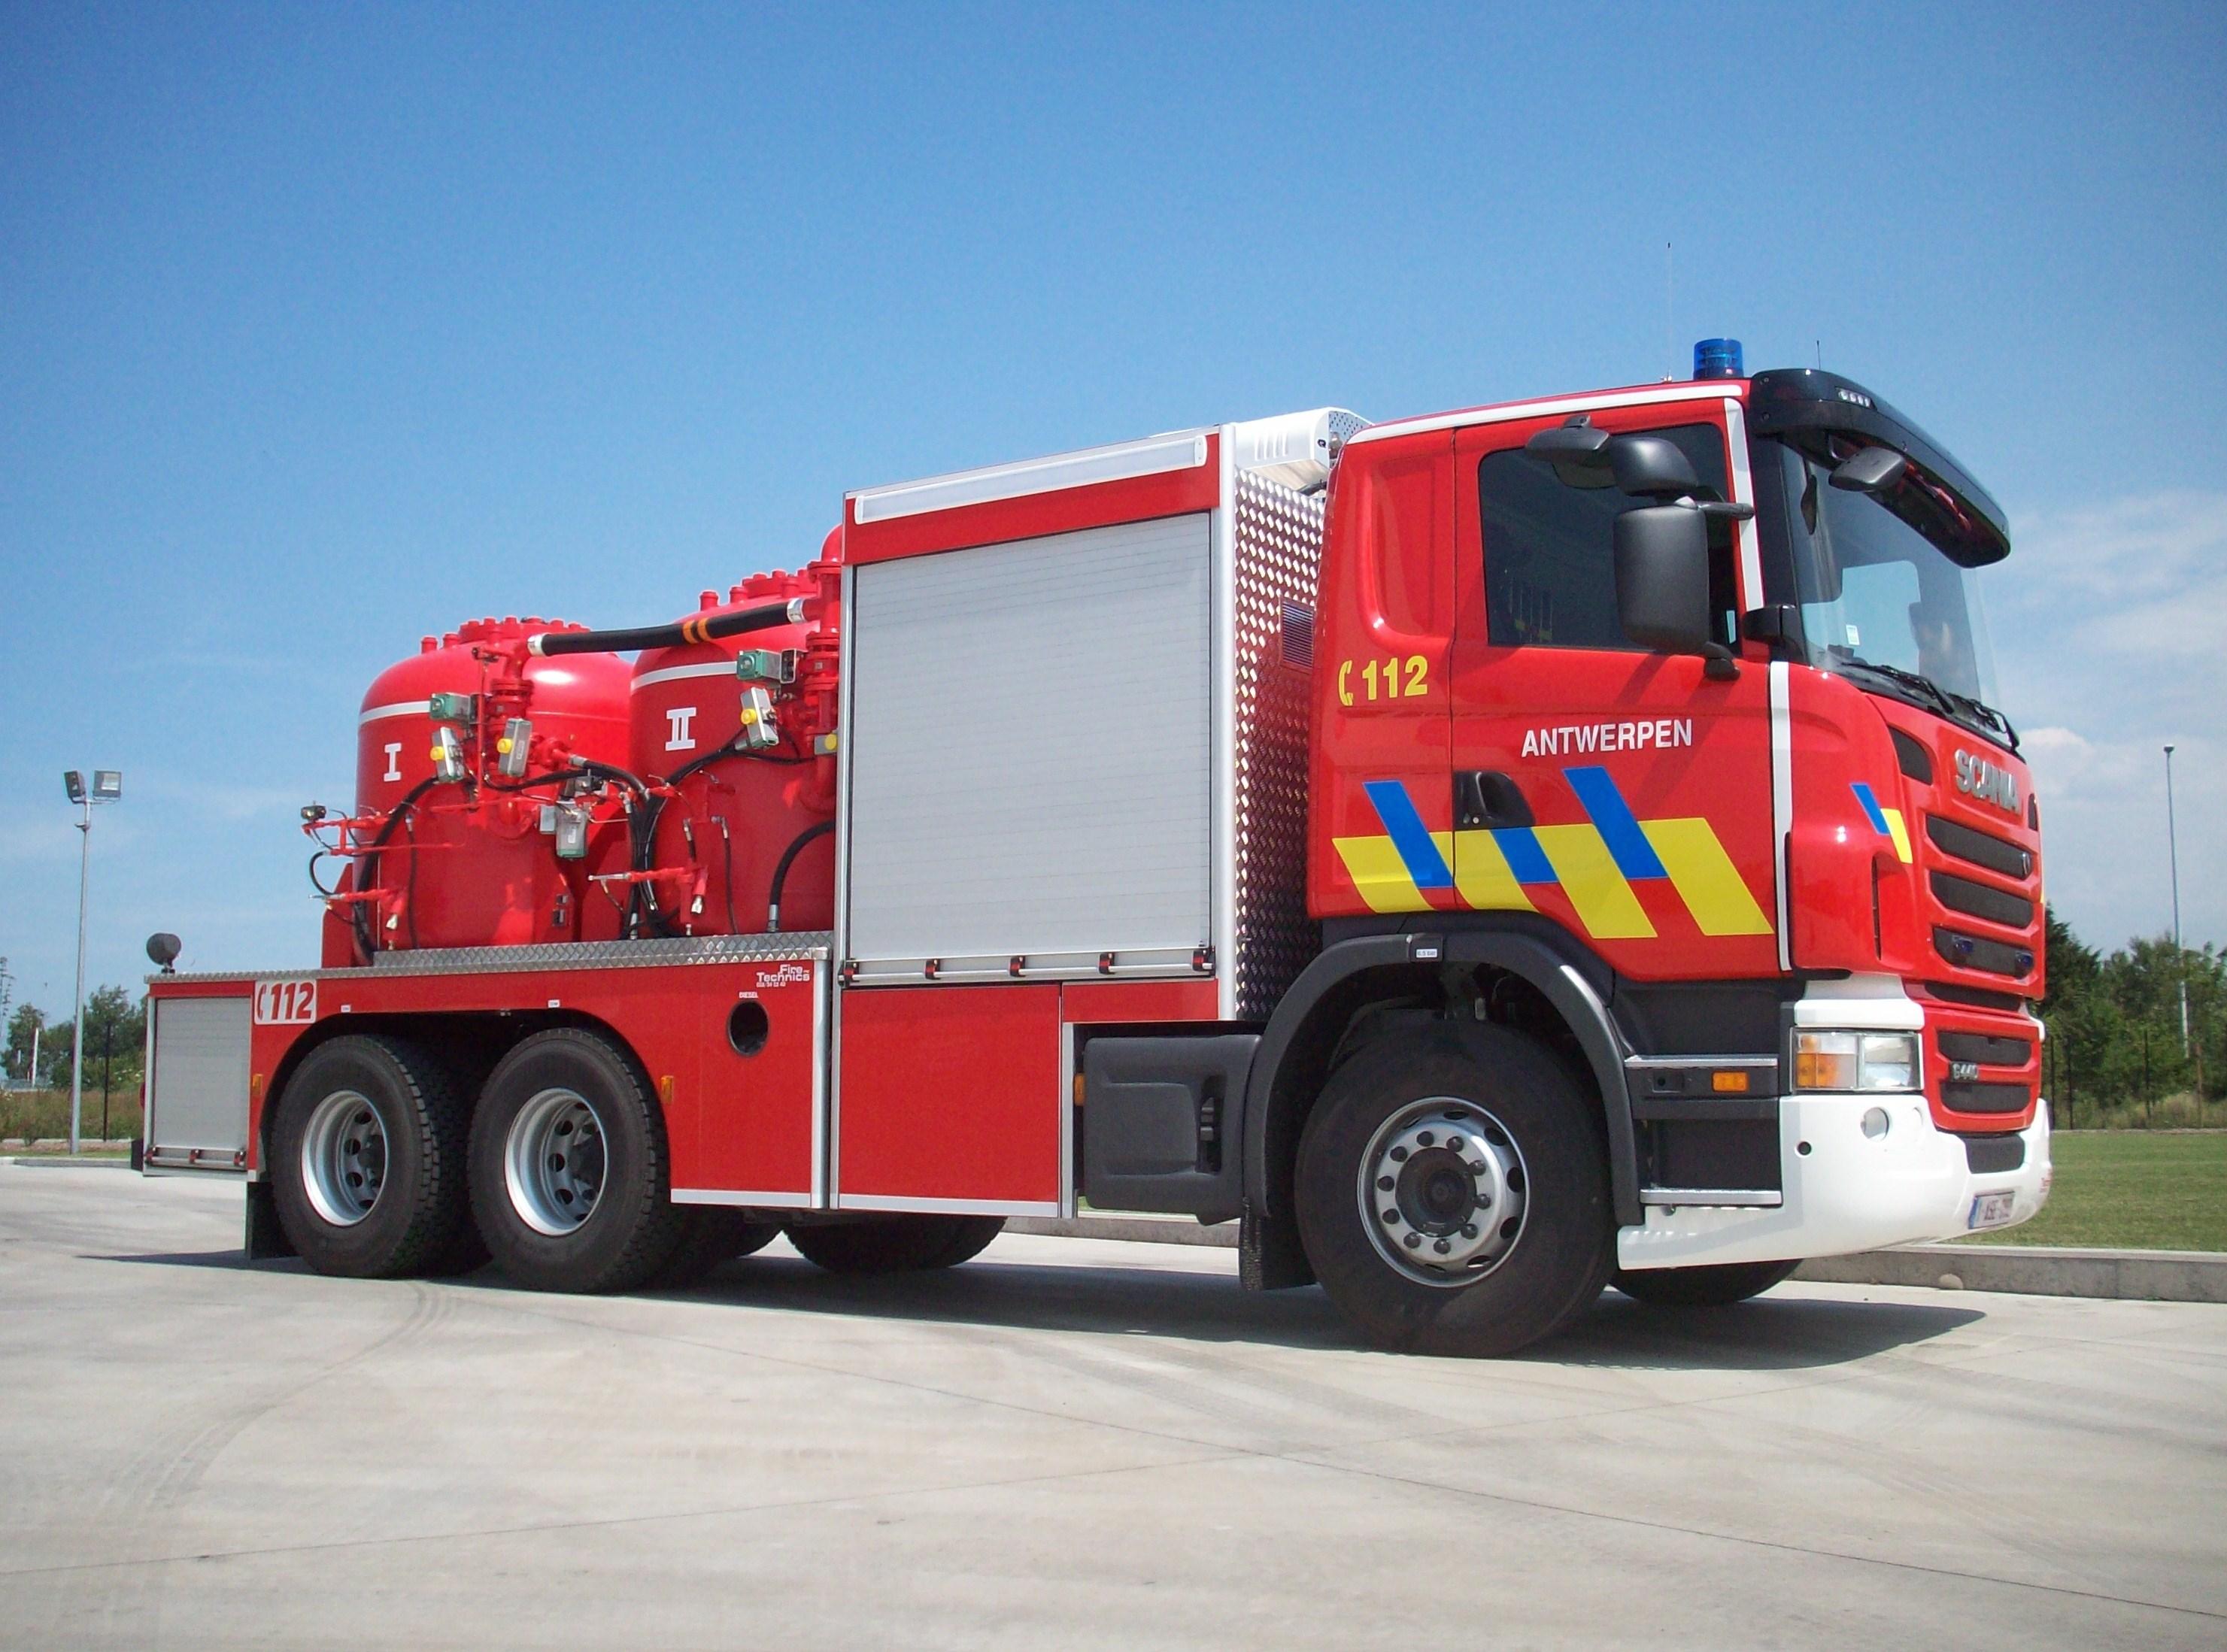 Poederblusvoertuig Brandweer Antwerpen Fire Technics Nv